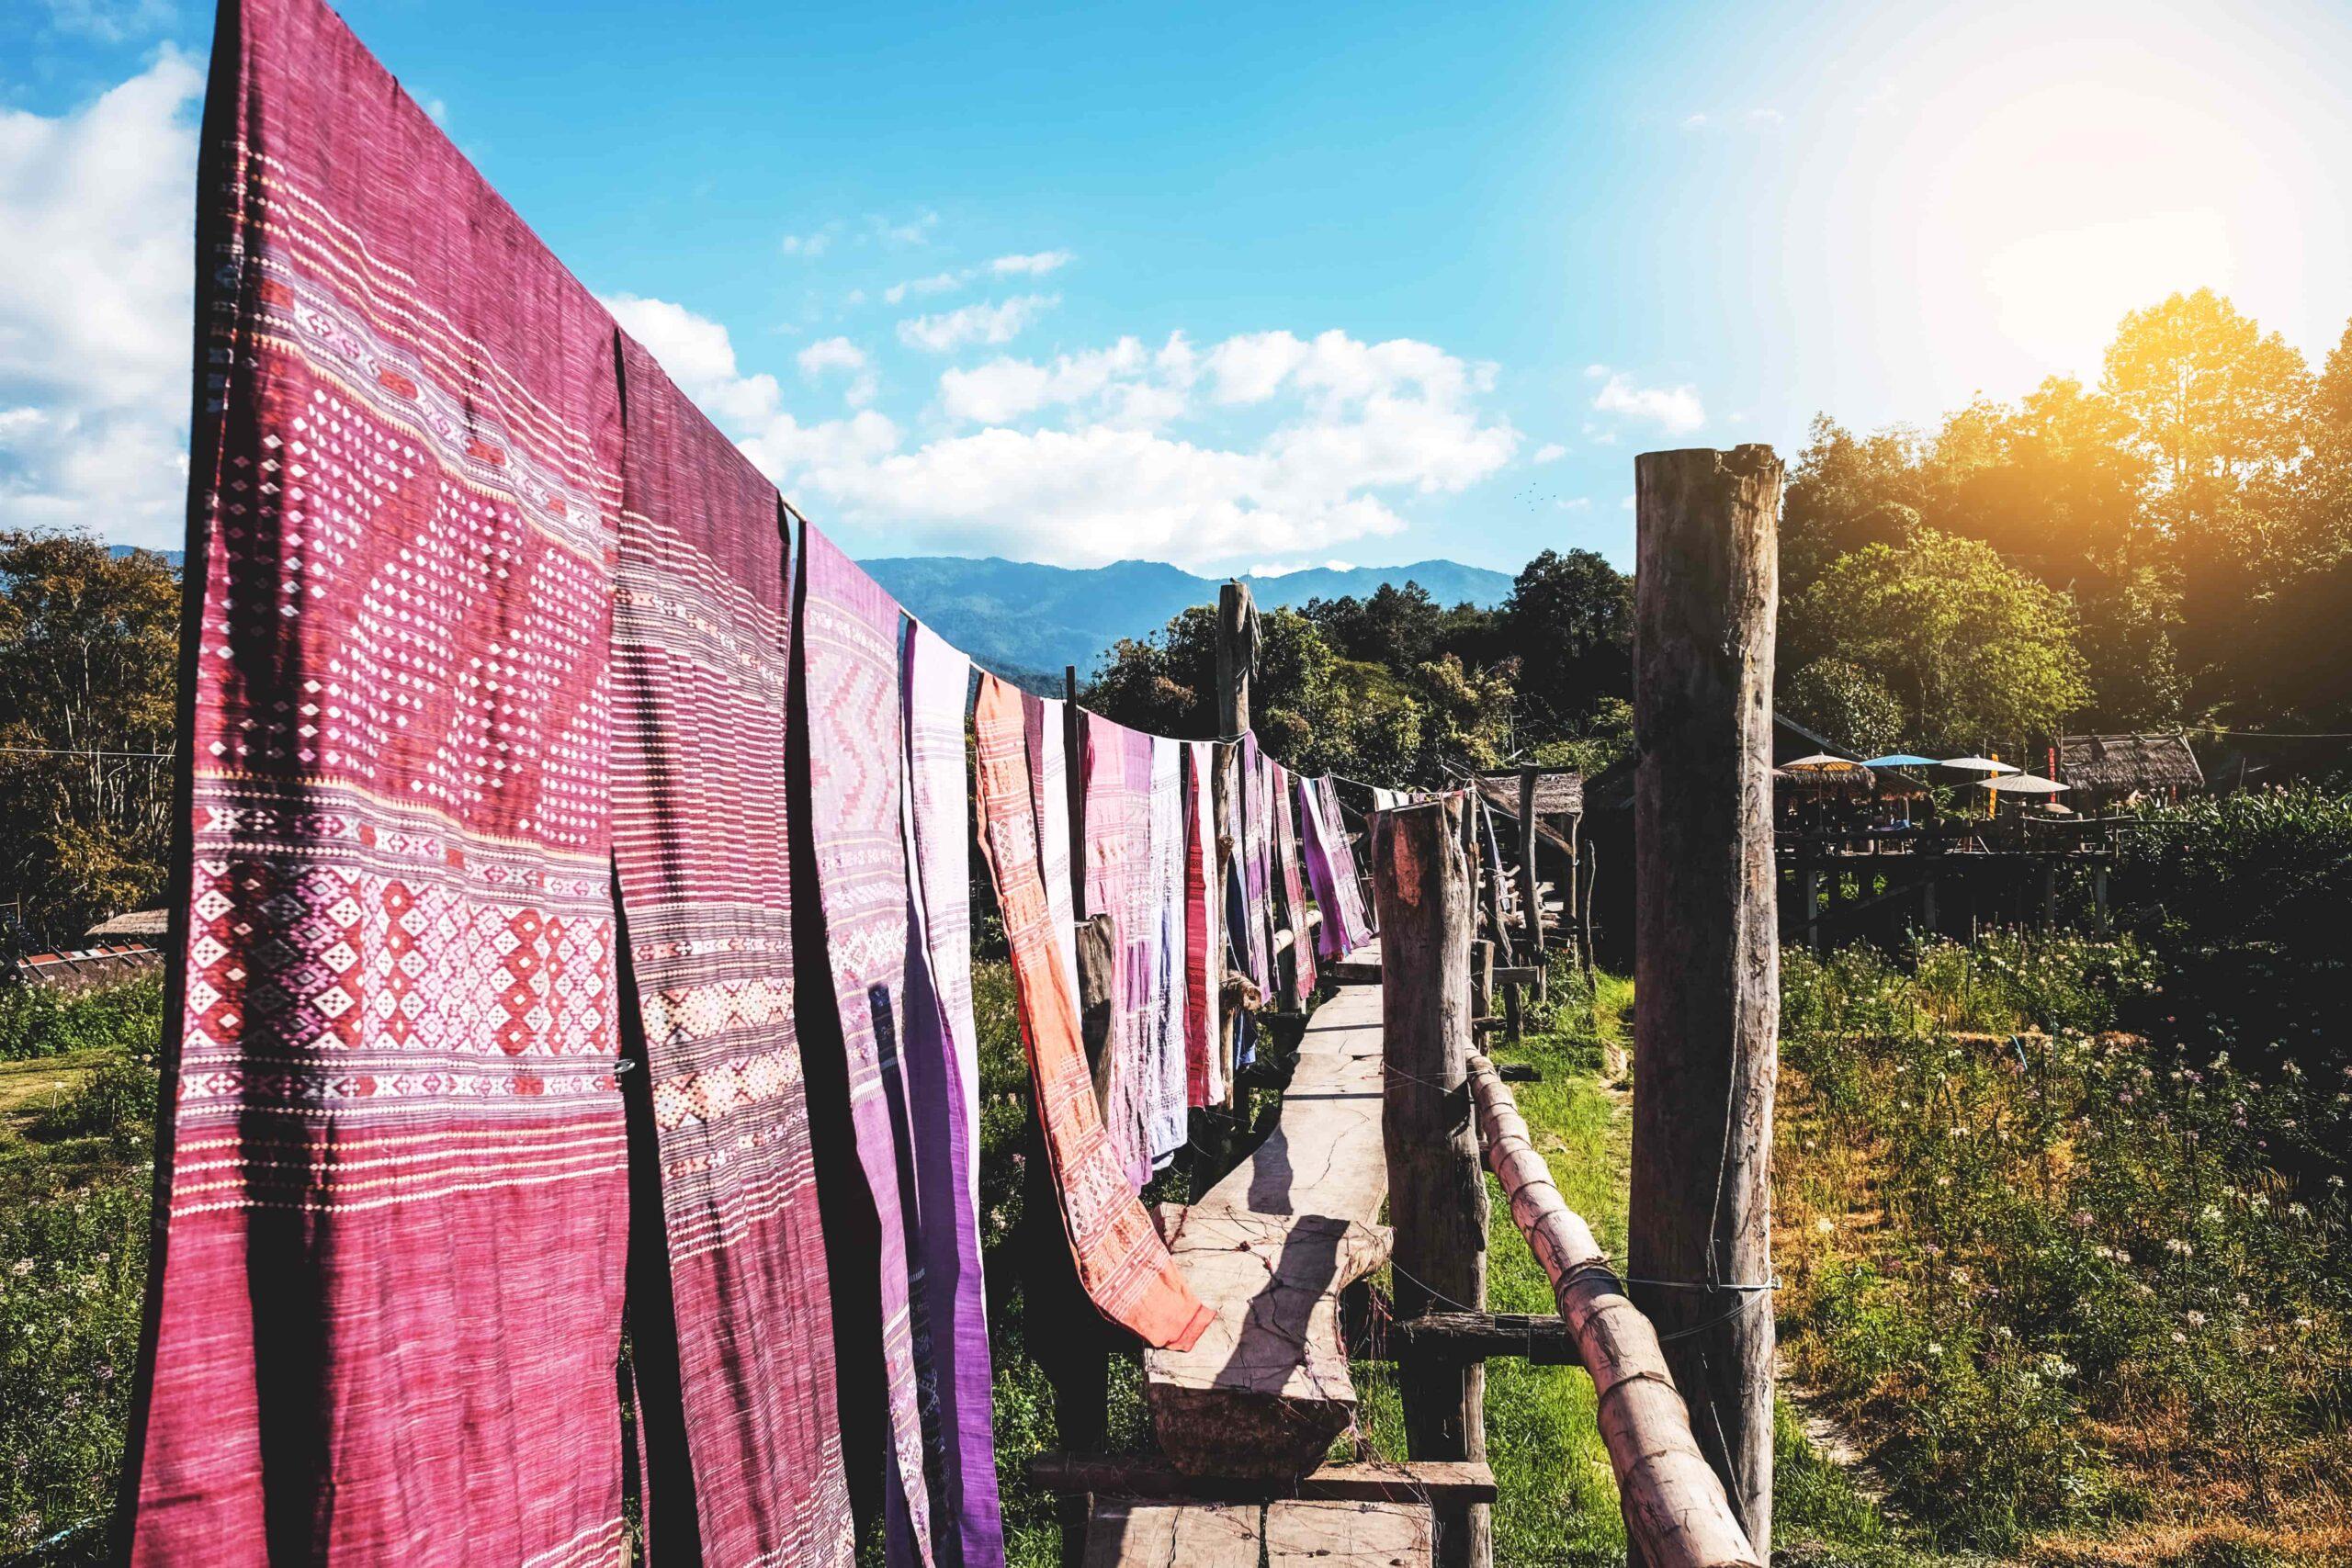 Auf einem Roadtrip Wäsche waschen? Die besten Tipps & Tricks